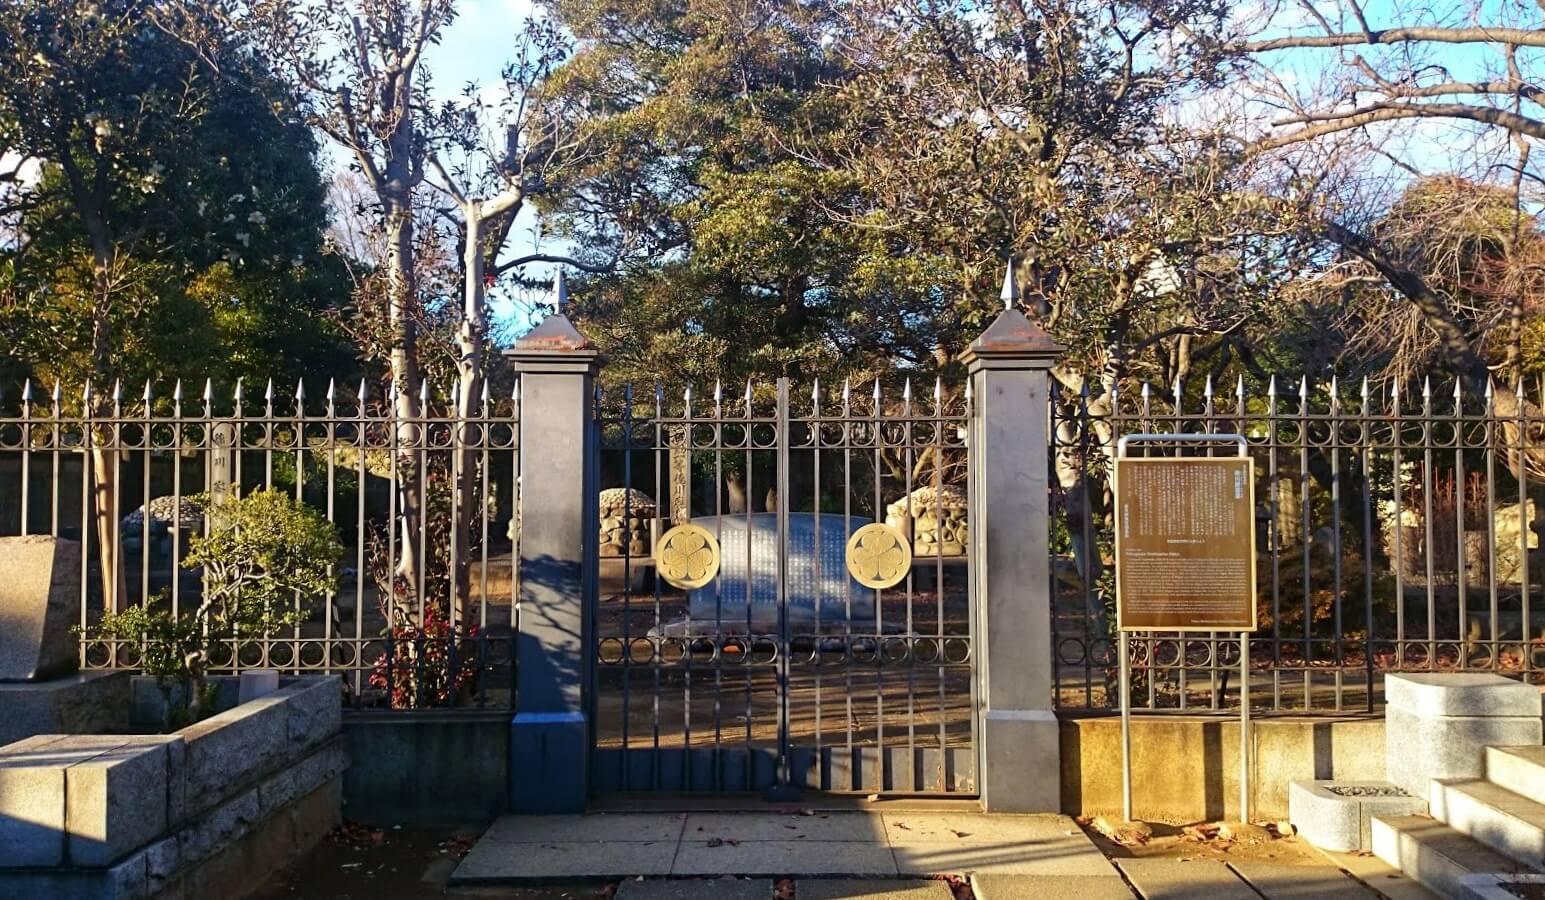 徳川慶喜 谷中霊園 墓地 円墳